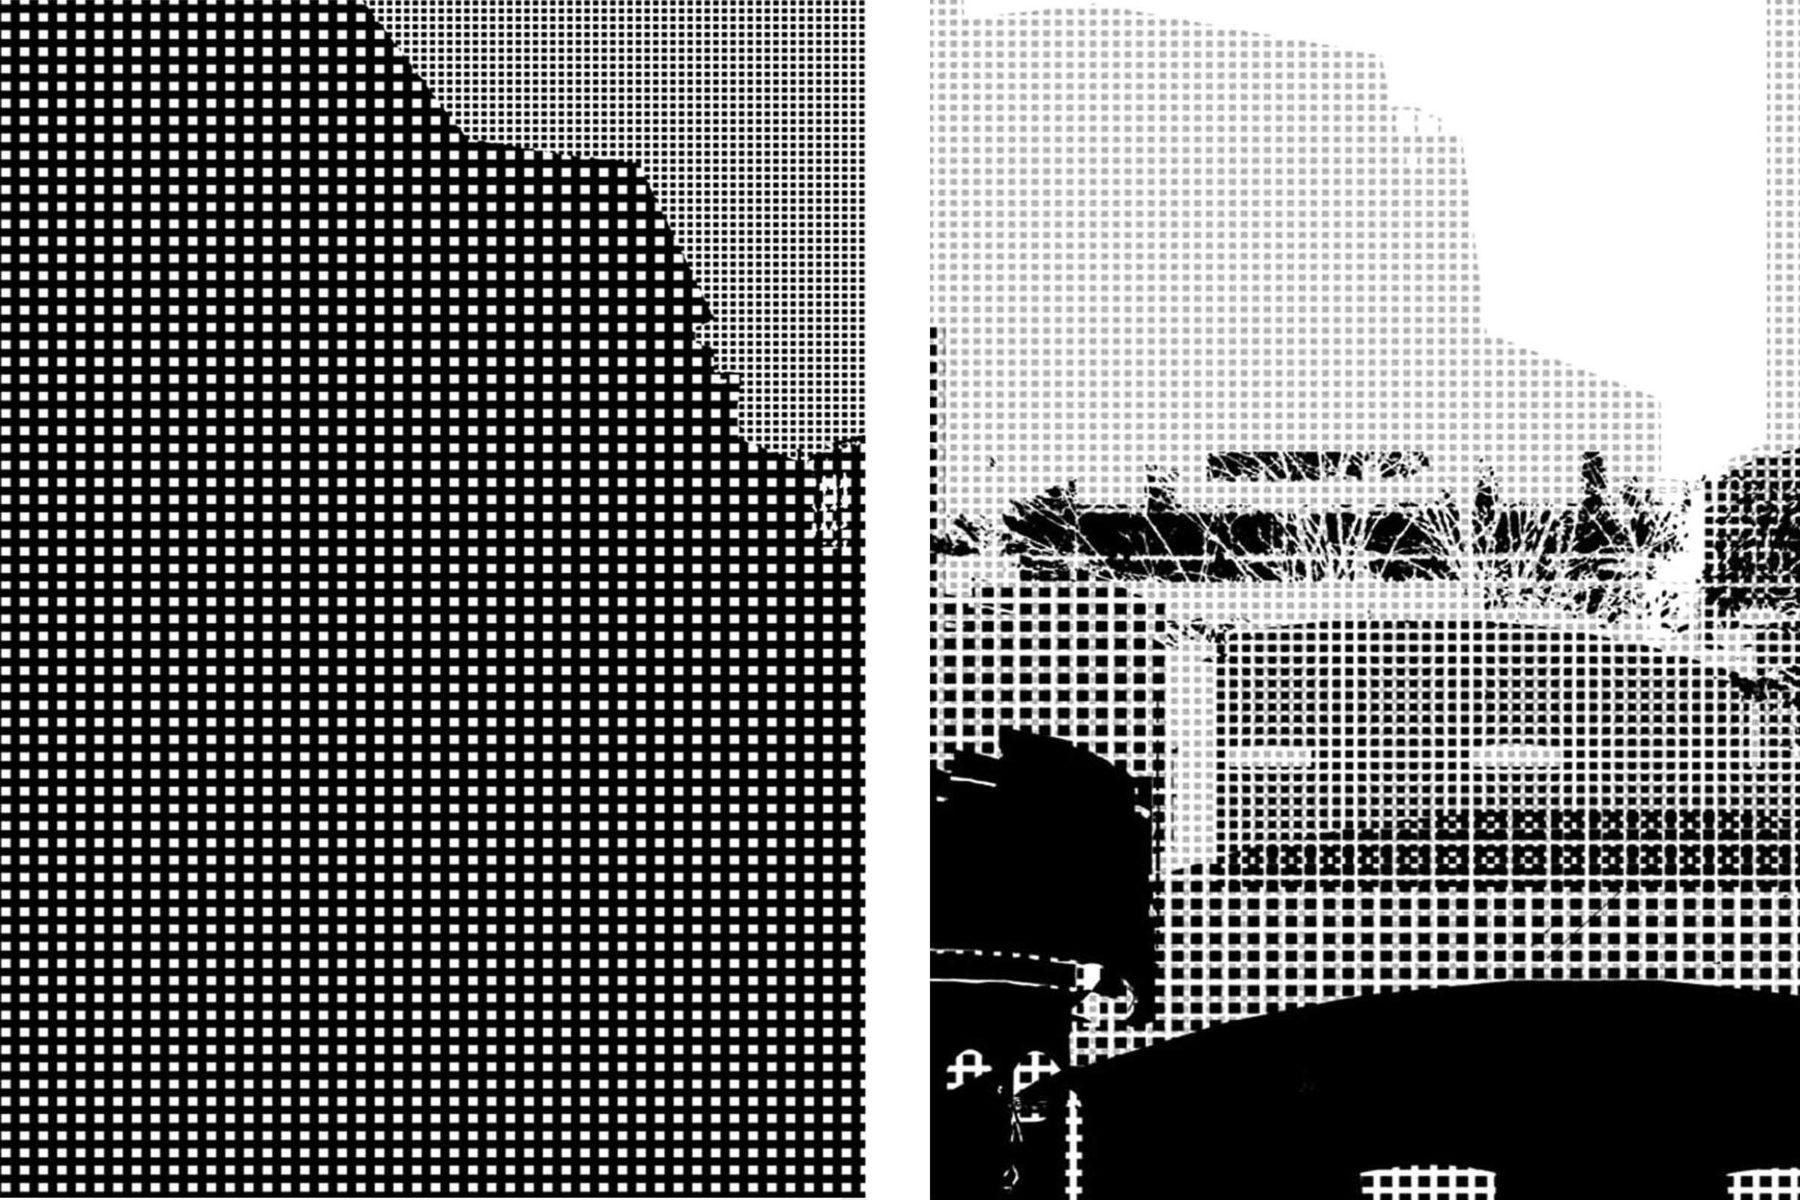 G. Dell'Antonia, Mentre cammino si spostano i luoghi, 2008, inkjet print on aluminium, 105 x 73 cm